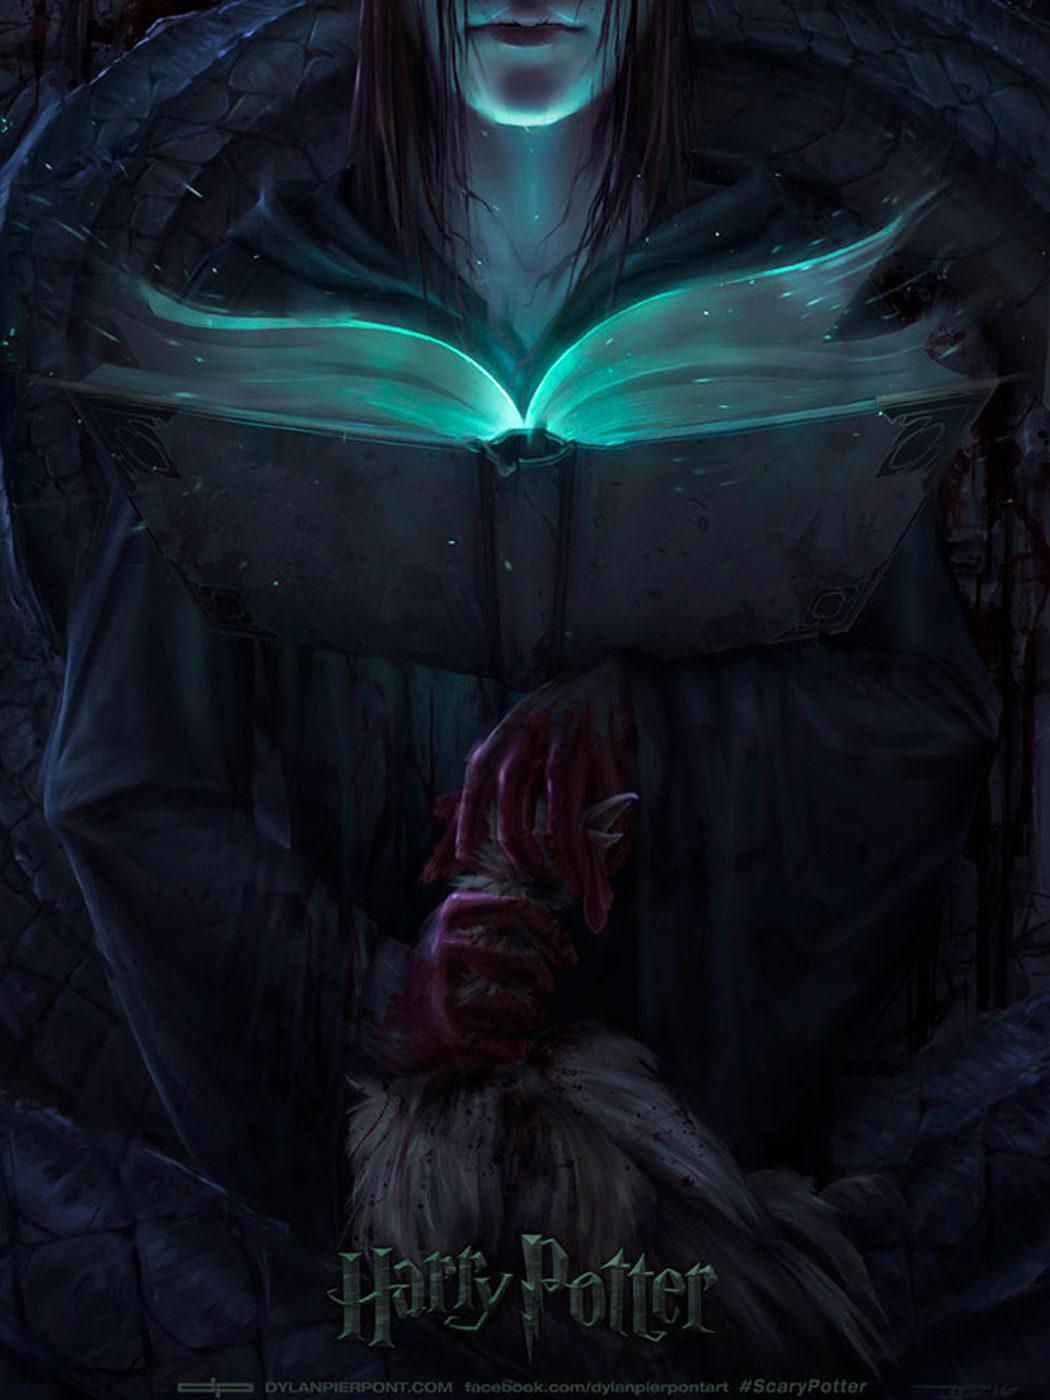 Scary Potter y La Cámara de los Secretos